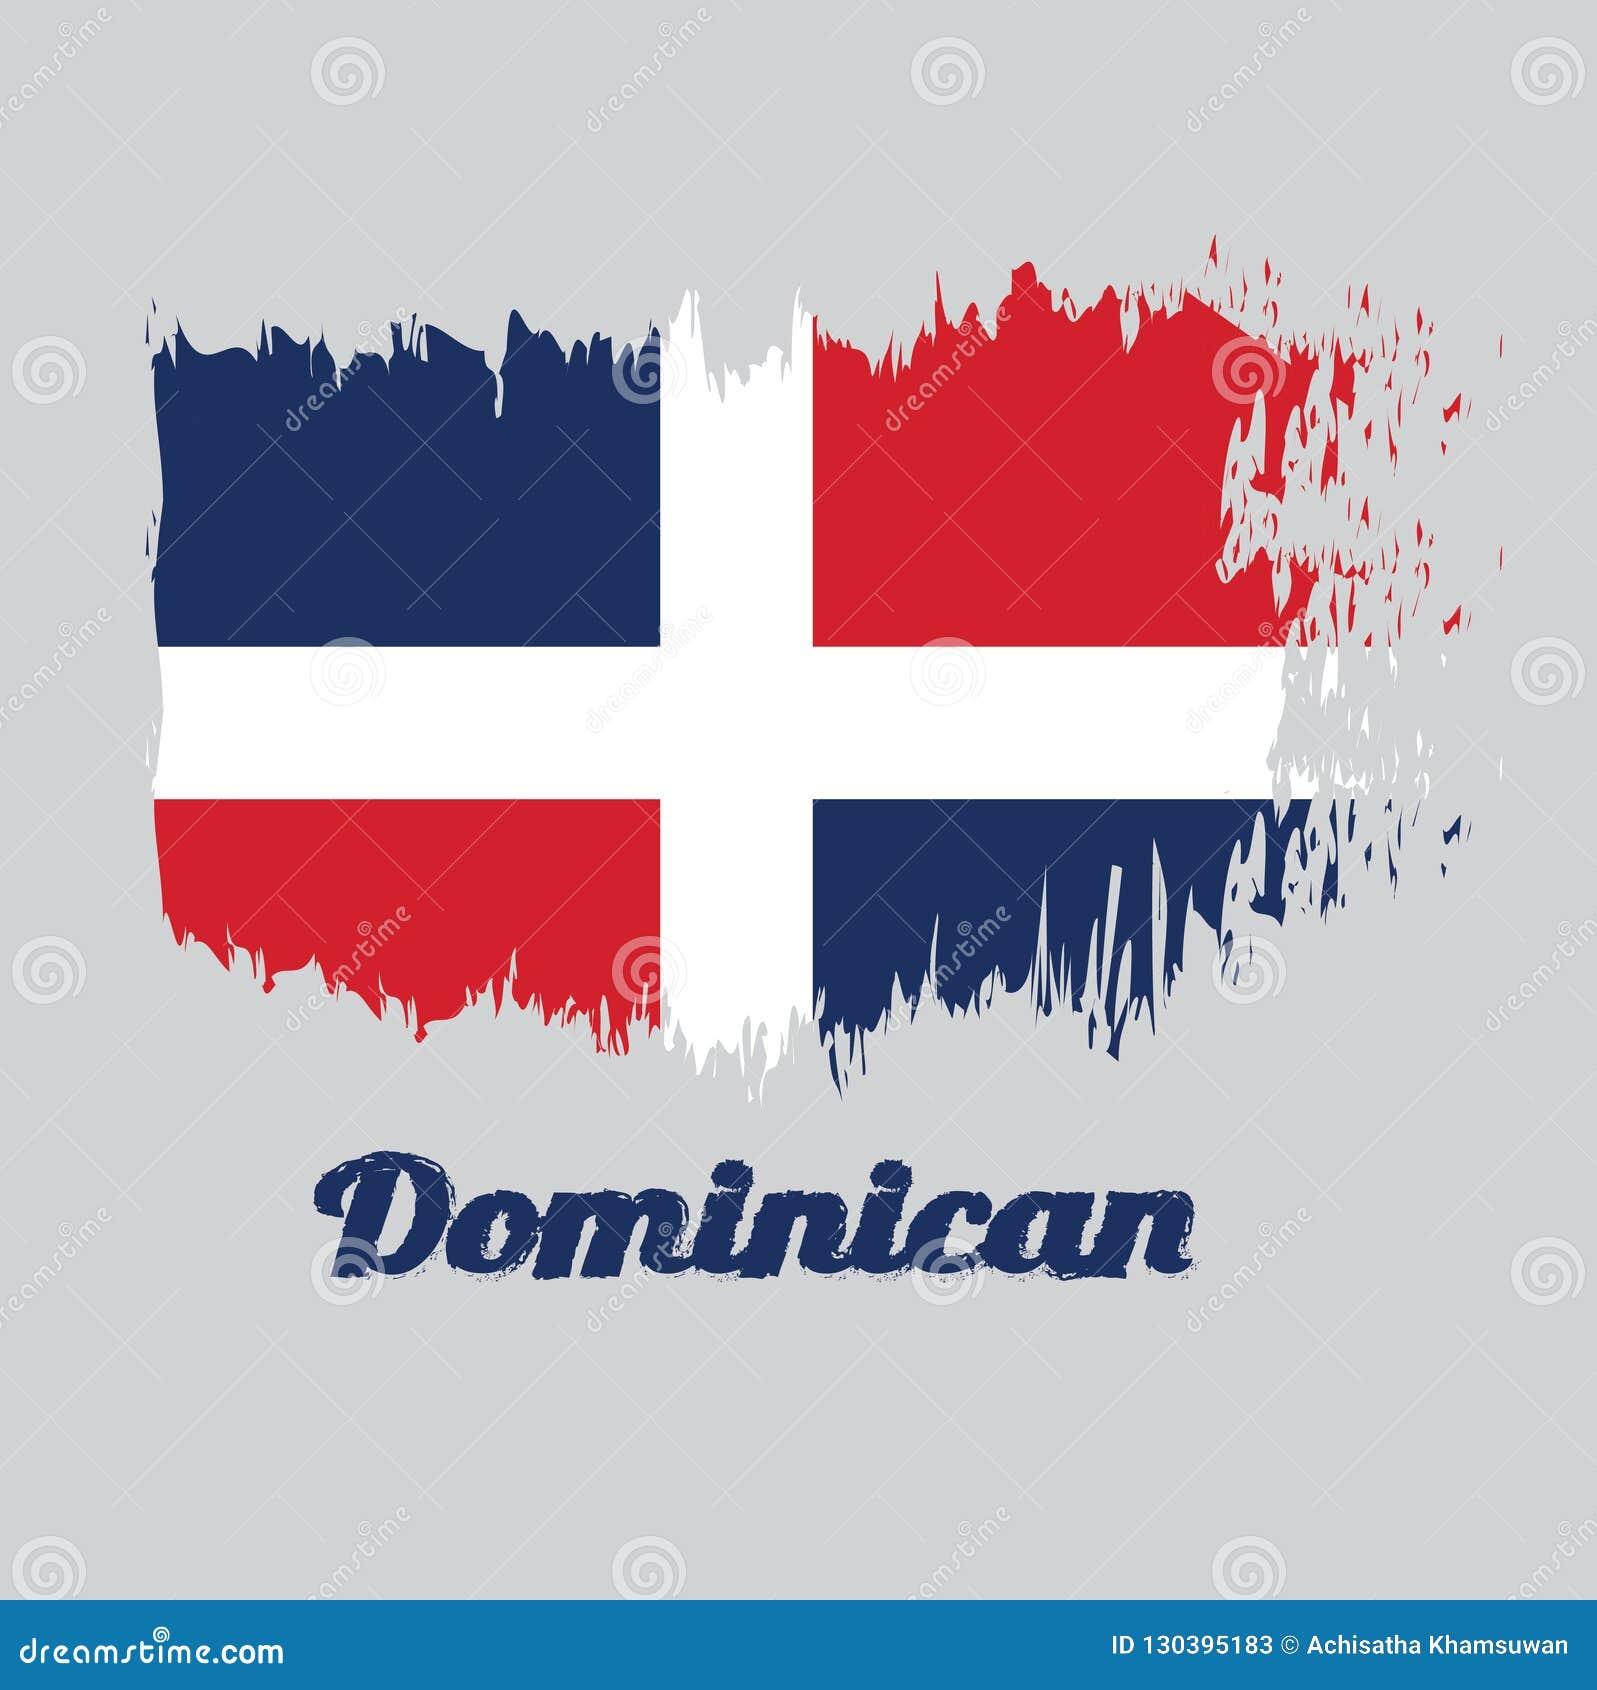 Balayez le drapeau de couleur de style du Dominicain, avec le texte dominicain